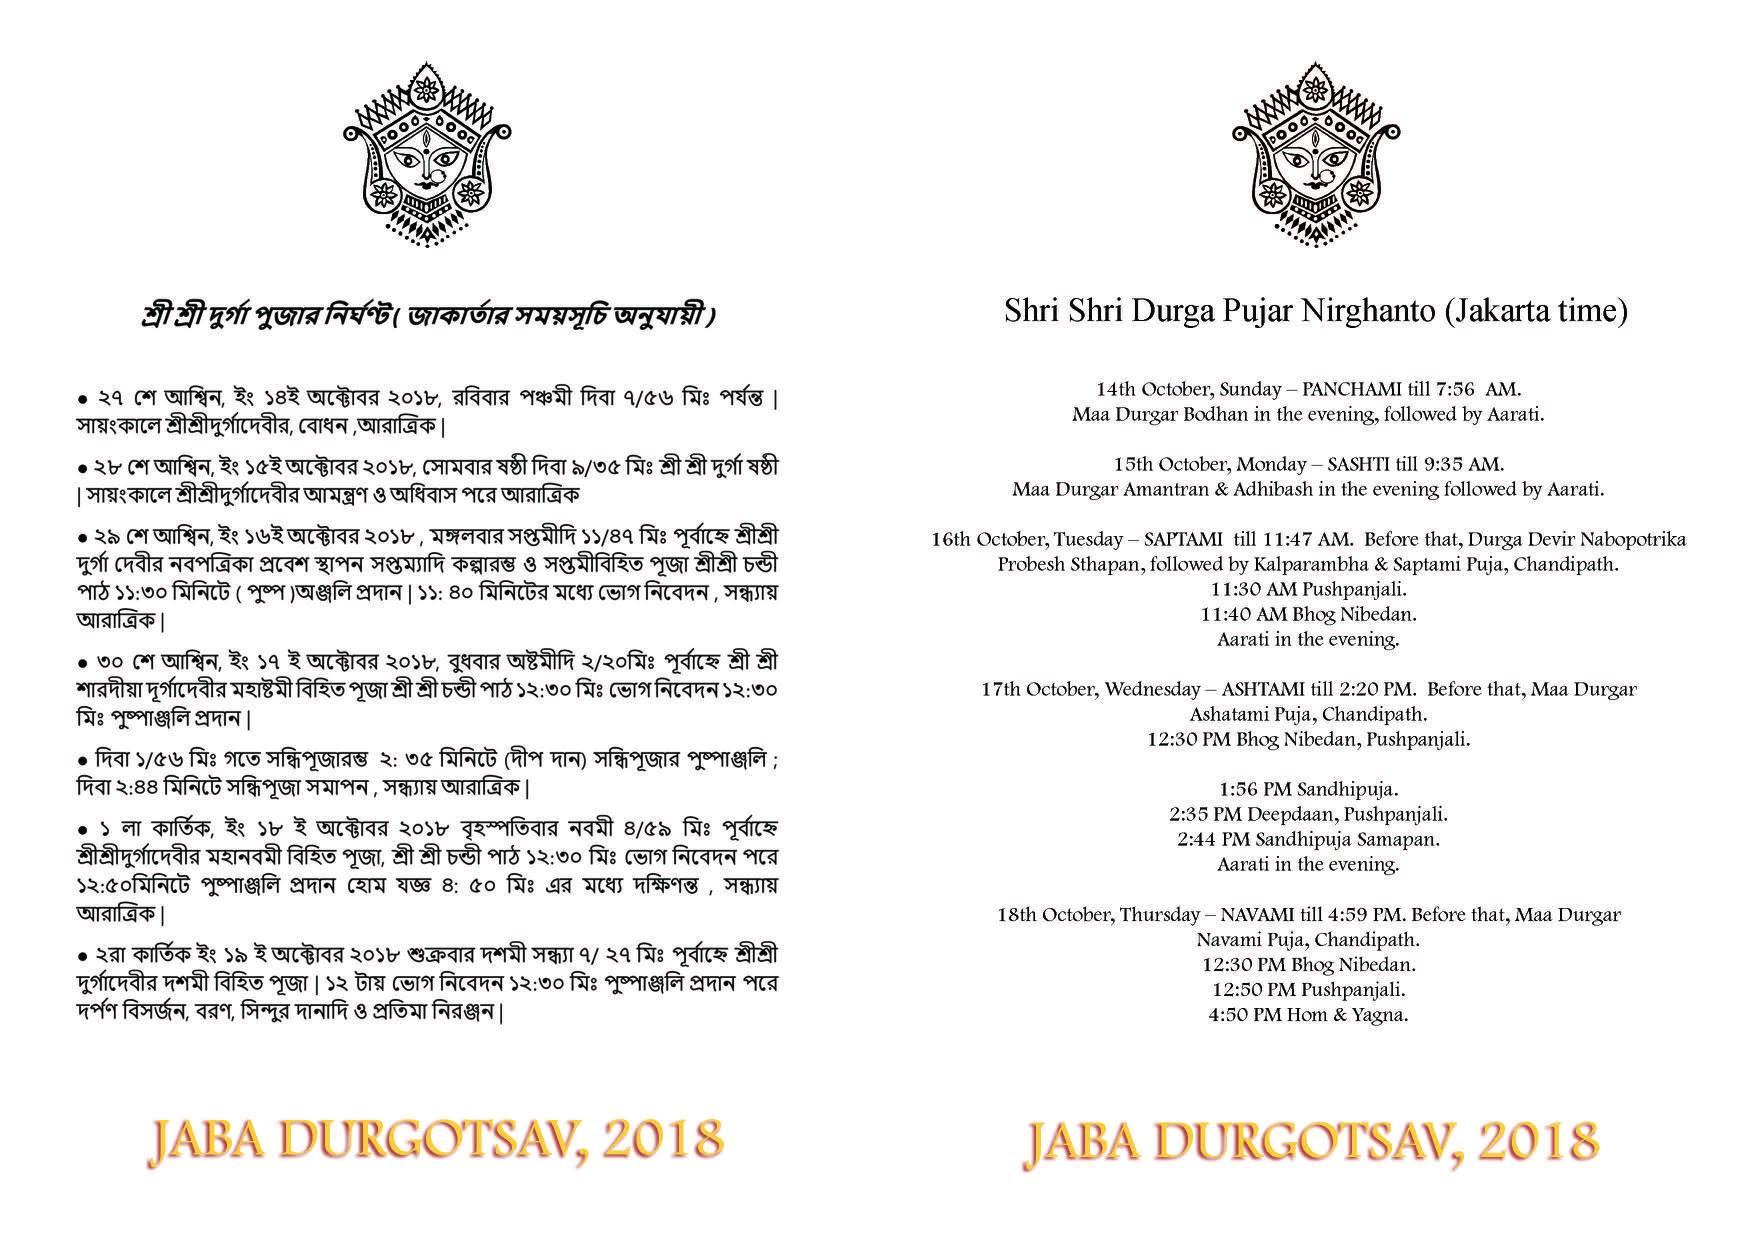 JABA Jakarta Sharod Utsav 2018 (Durga Puja Ceremony & Celebrations )